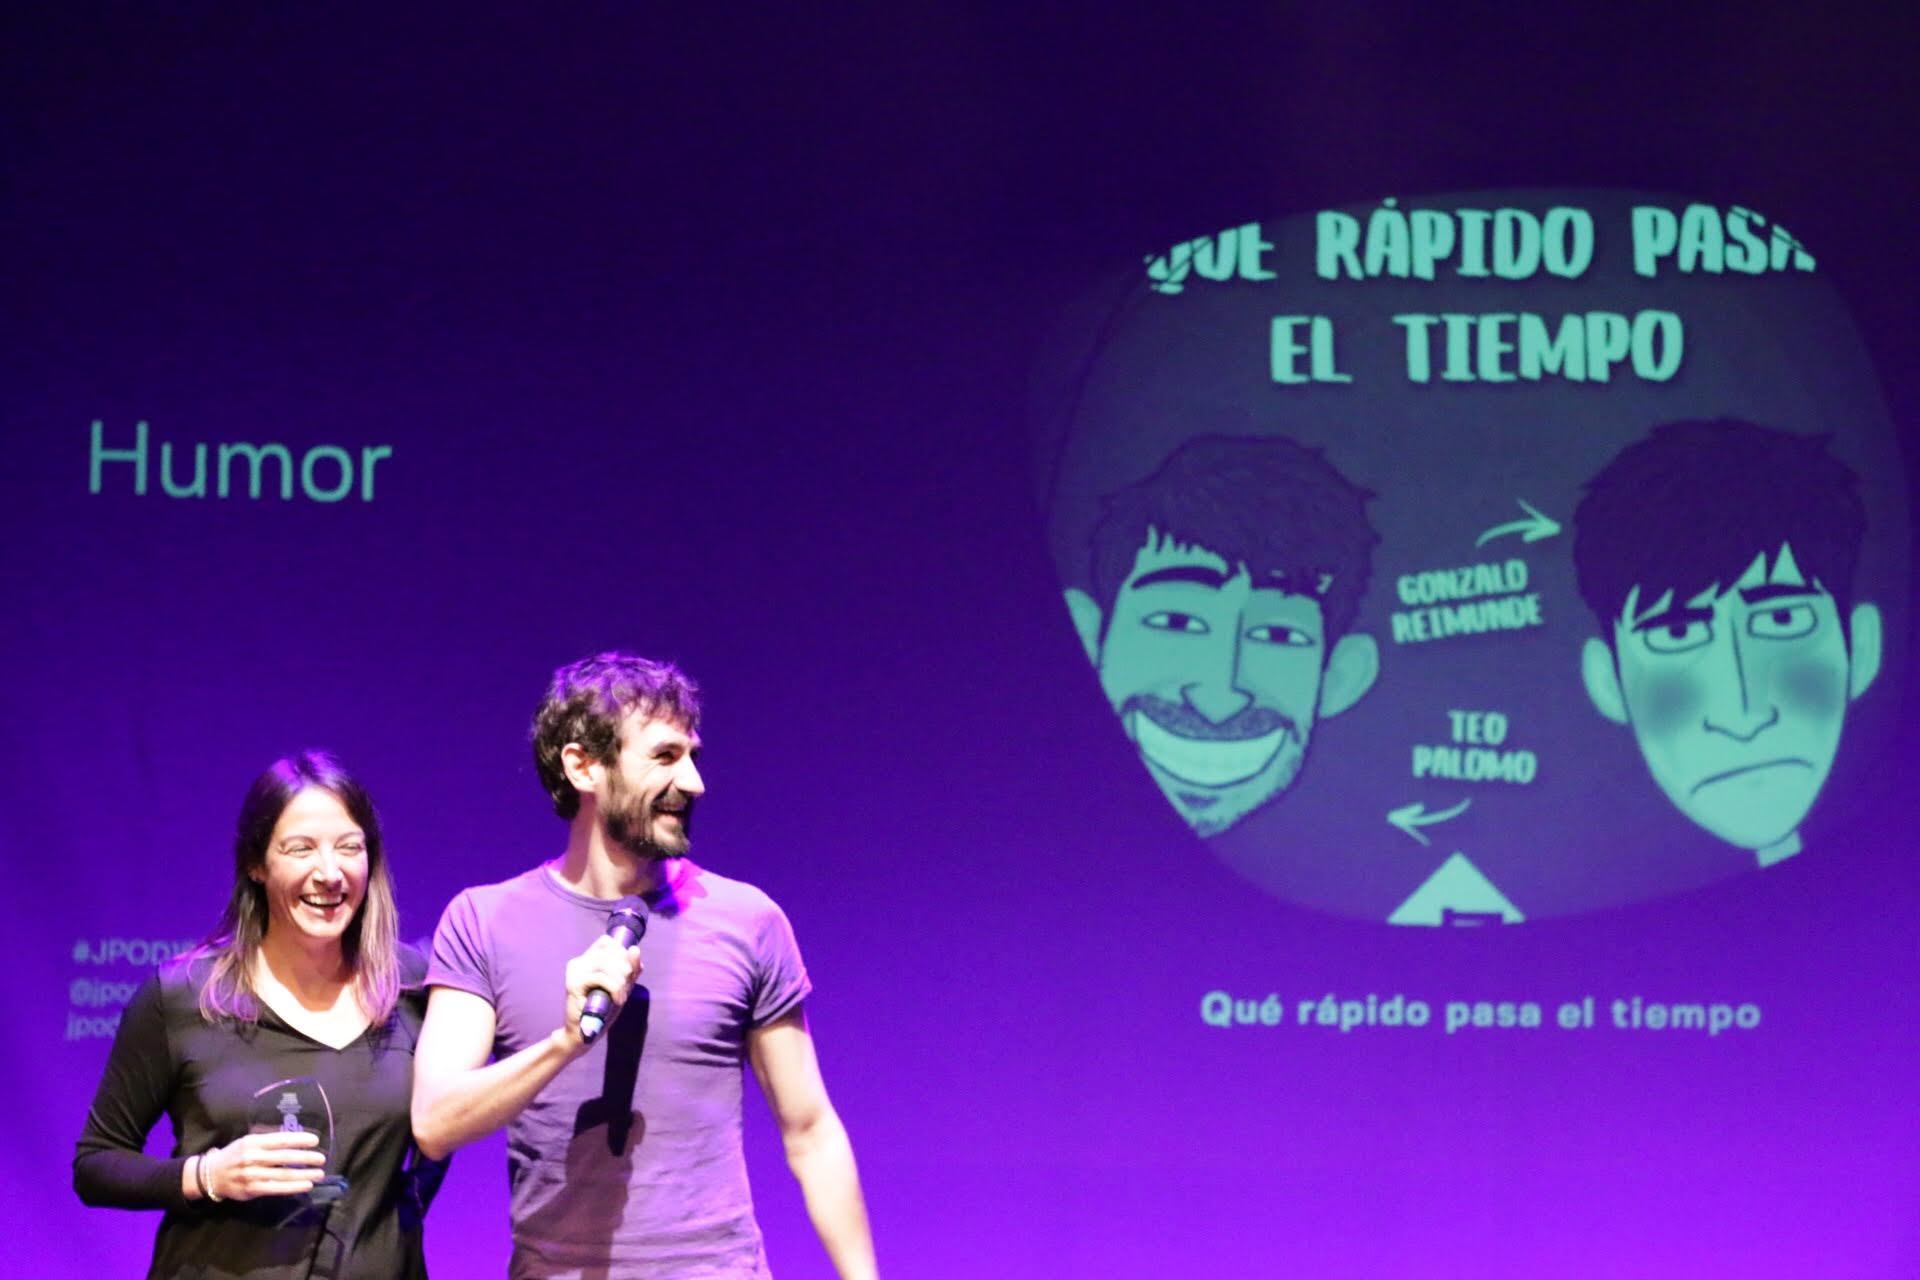 Foto: Patricia Torres - Qué rápido pasa el tiempo, ganadores del premio al Mejor Podcast de Humor 2018 en la IX Edición de los premios de la Asociación Podcast.